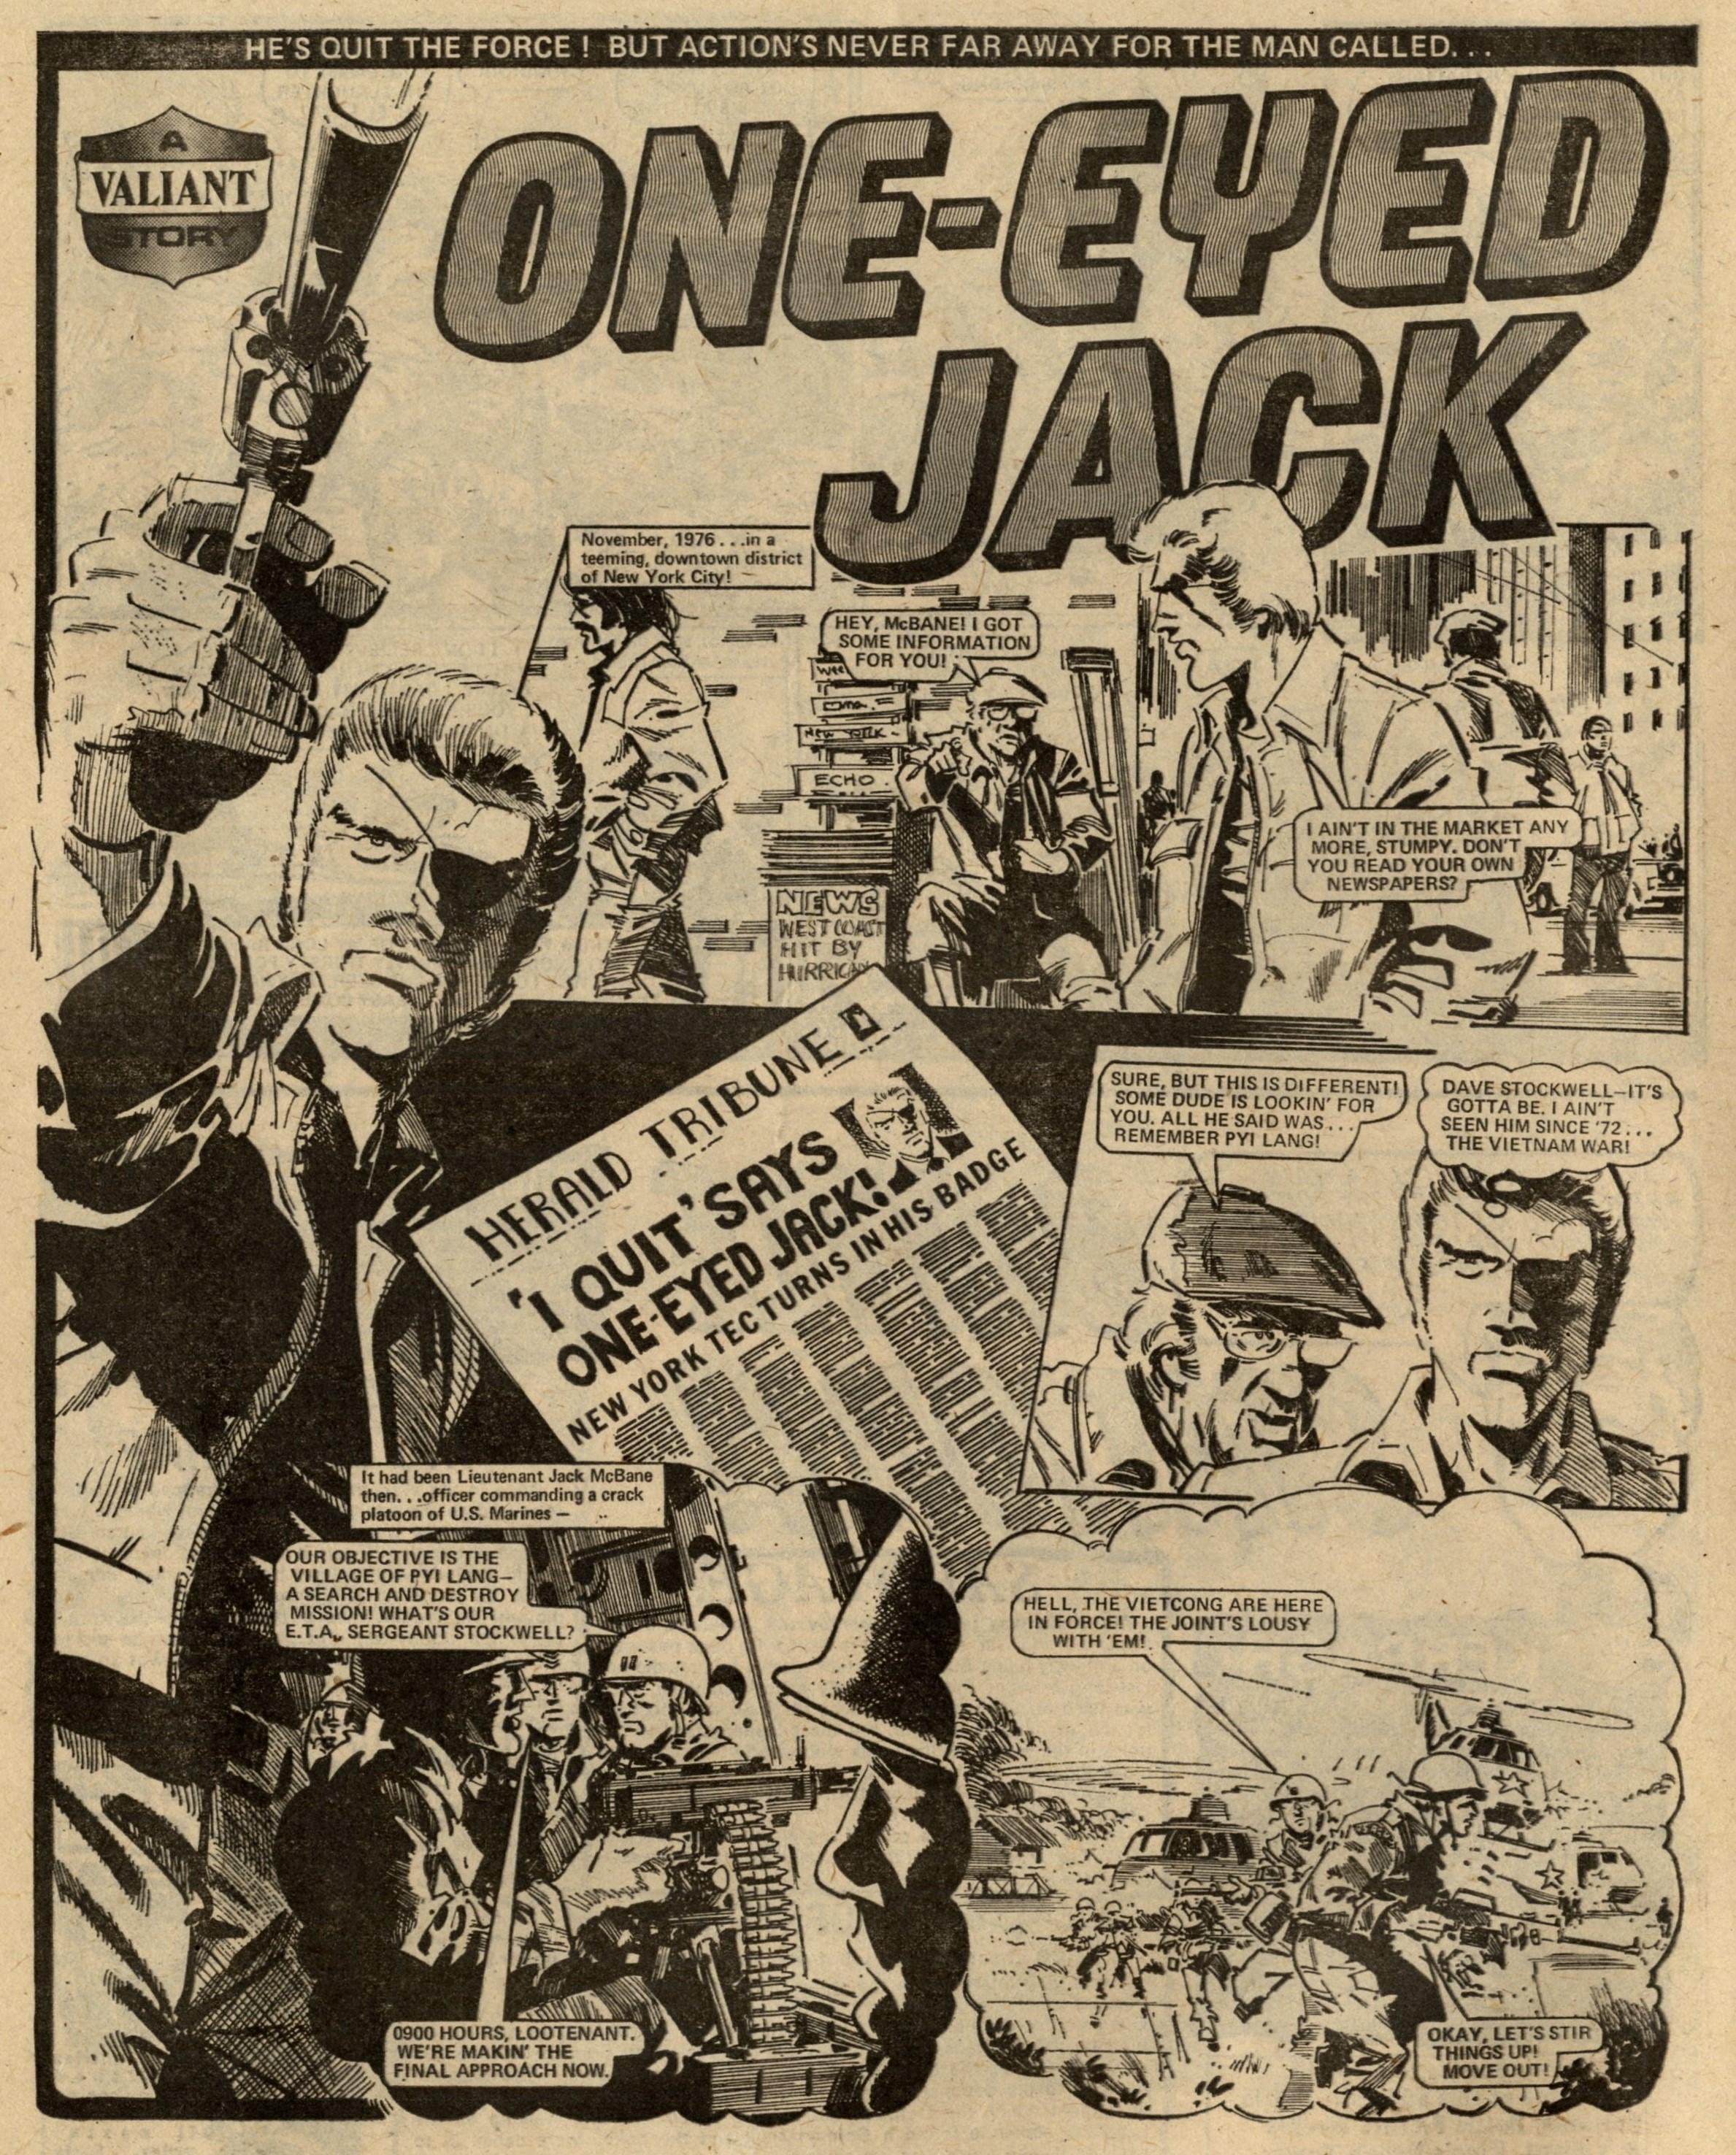 One-eyed Jack: Scott Goodall (writer), John Cooper (artist)